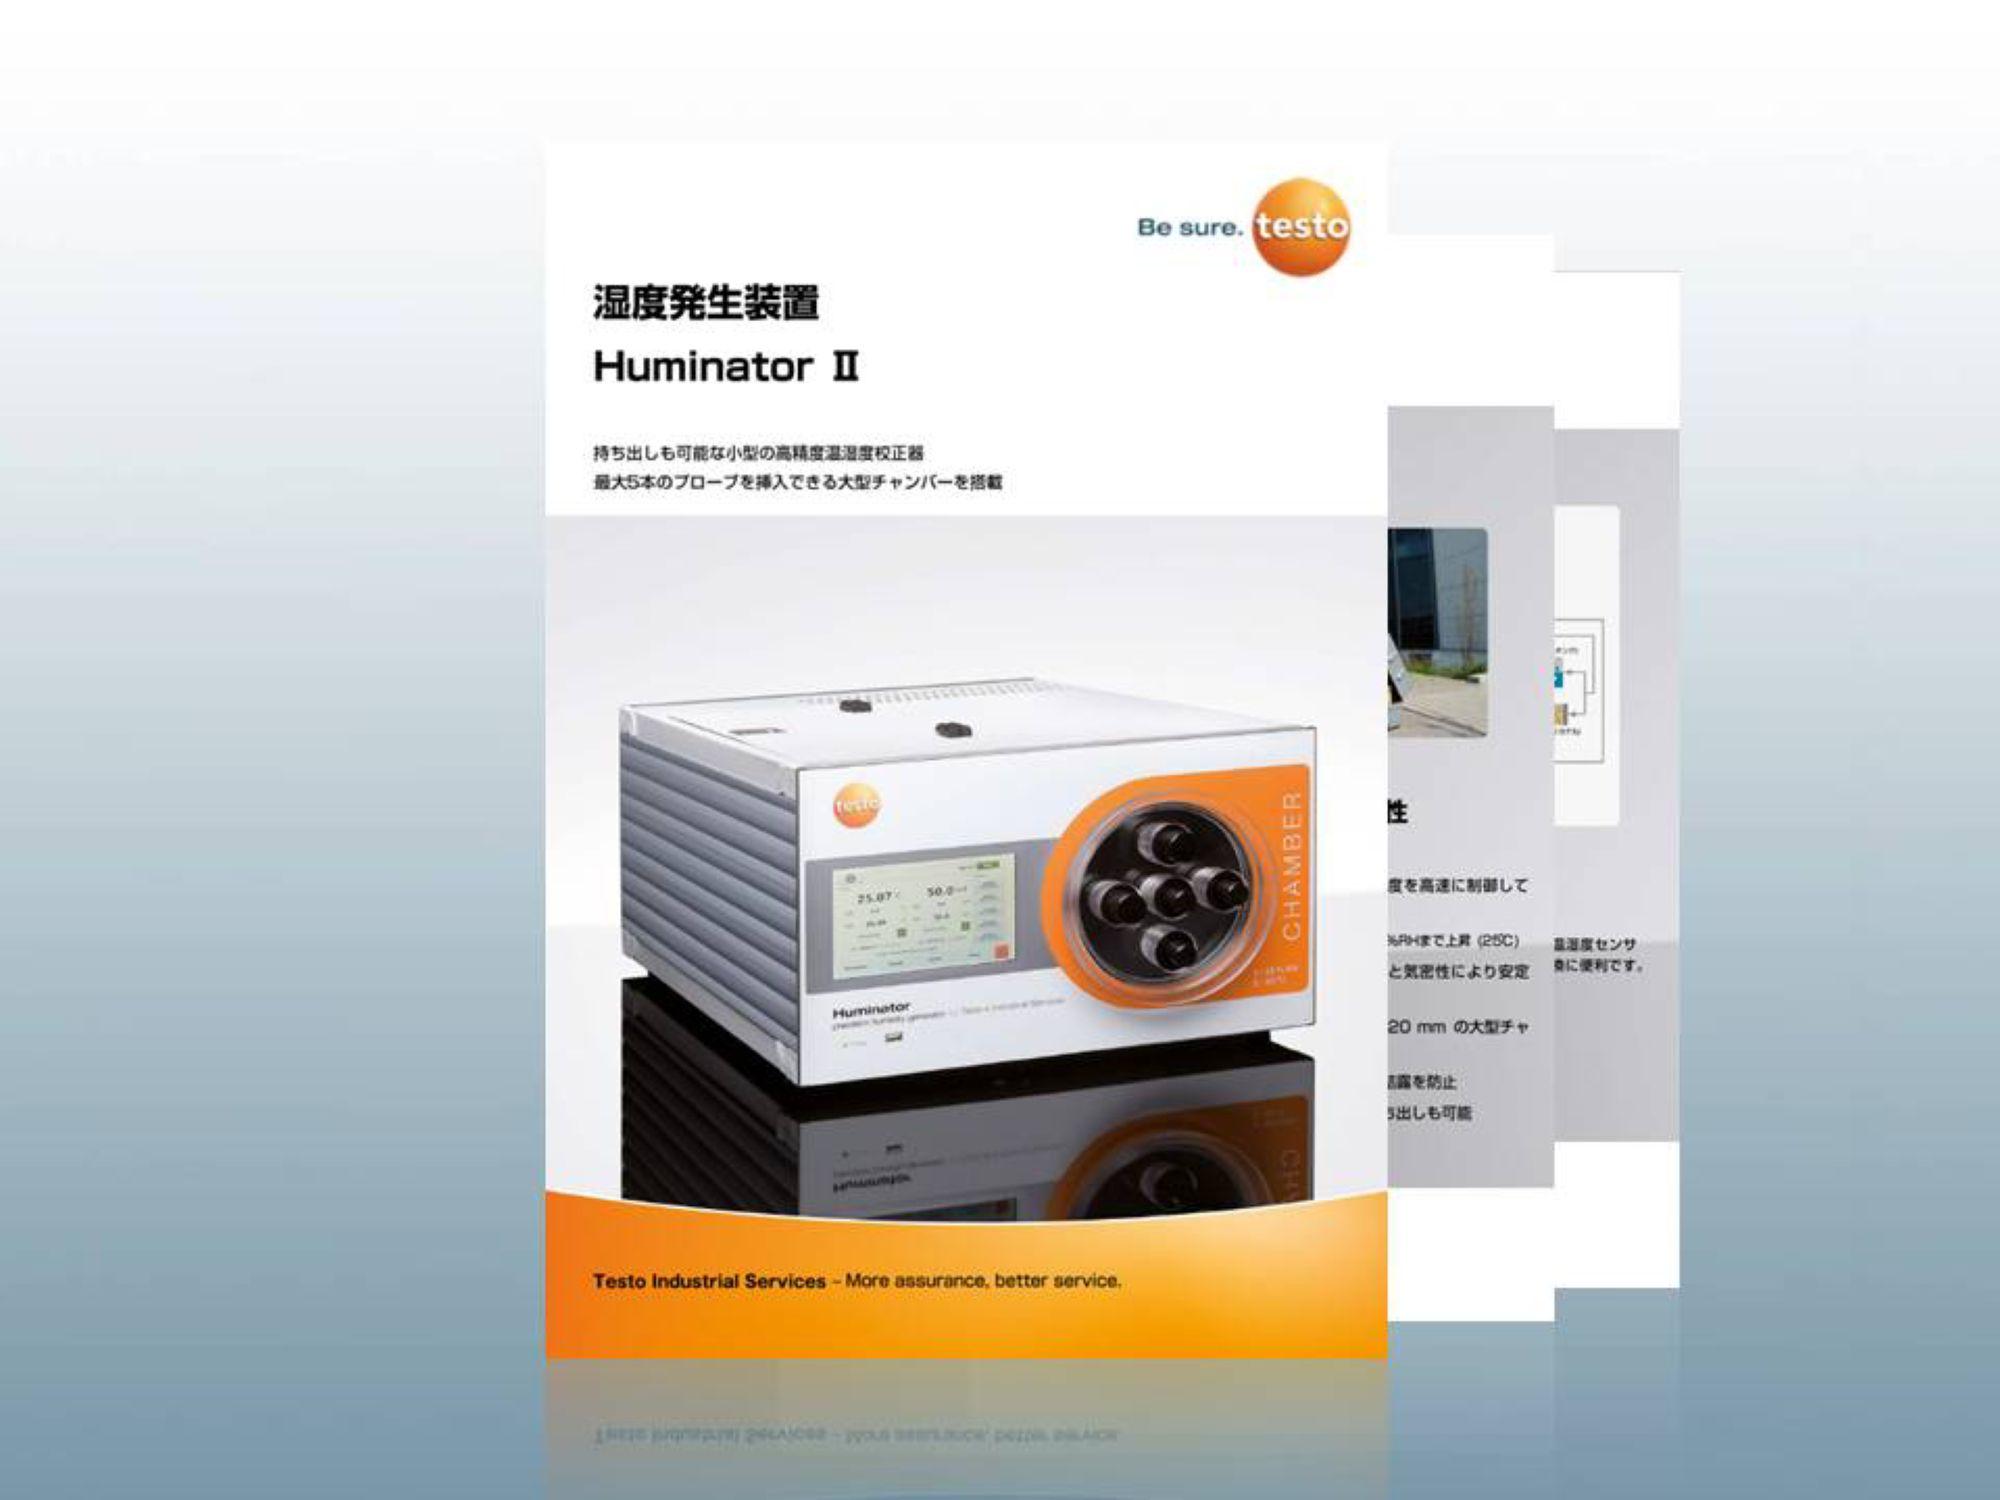 jp_catalog_huminator_thumbnail.png